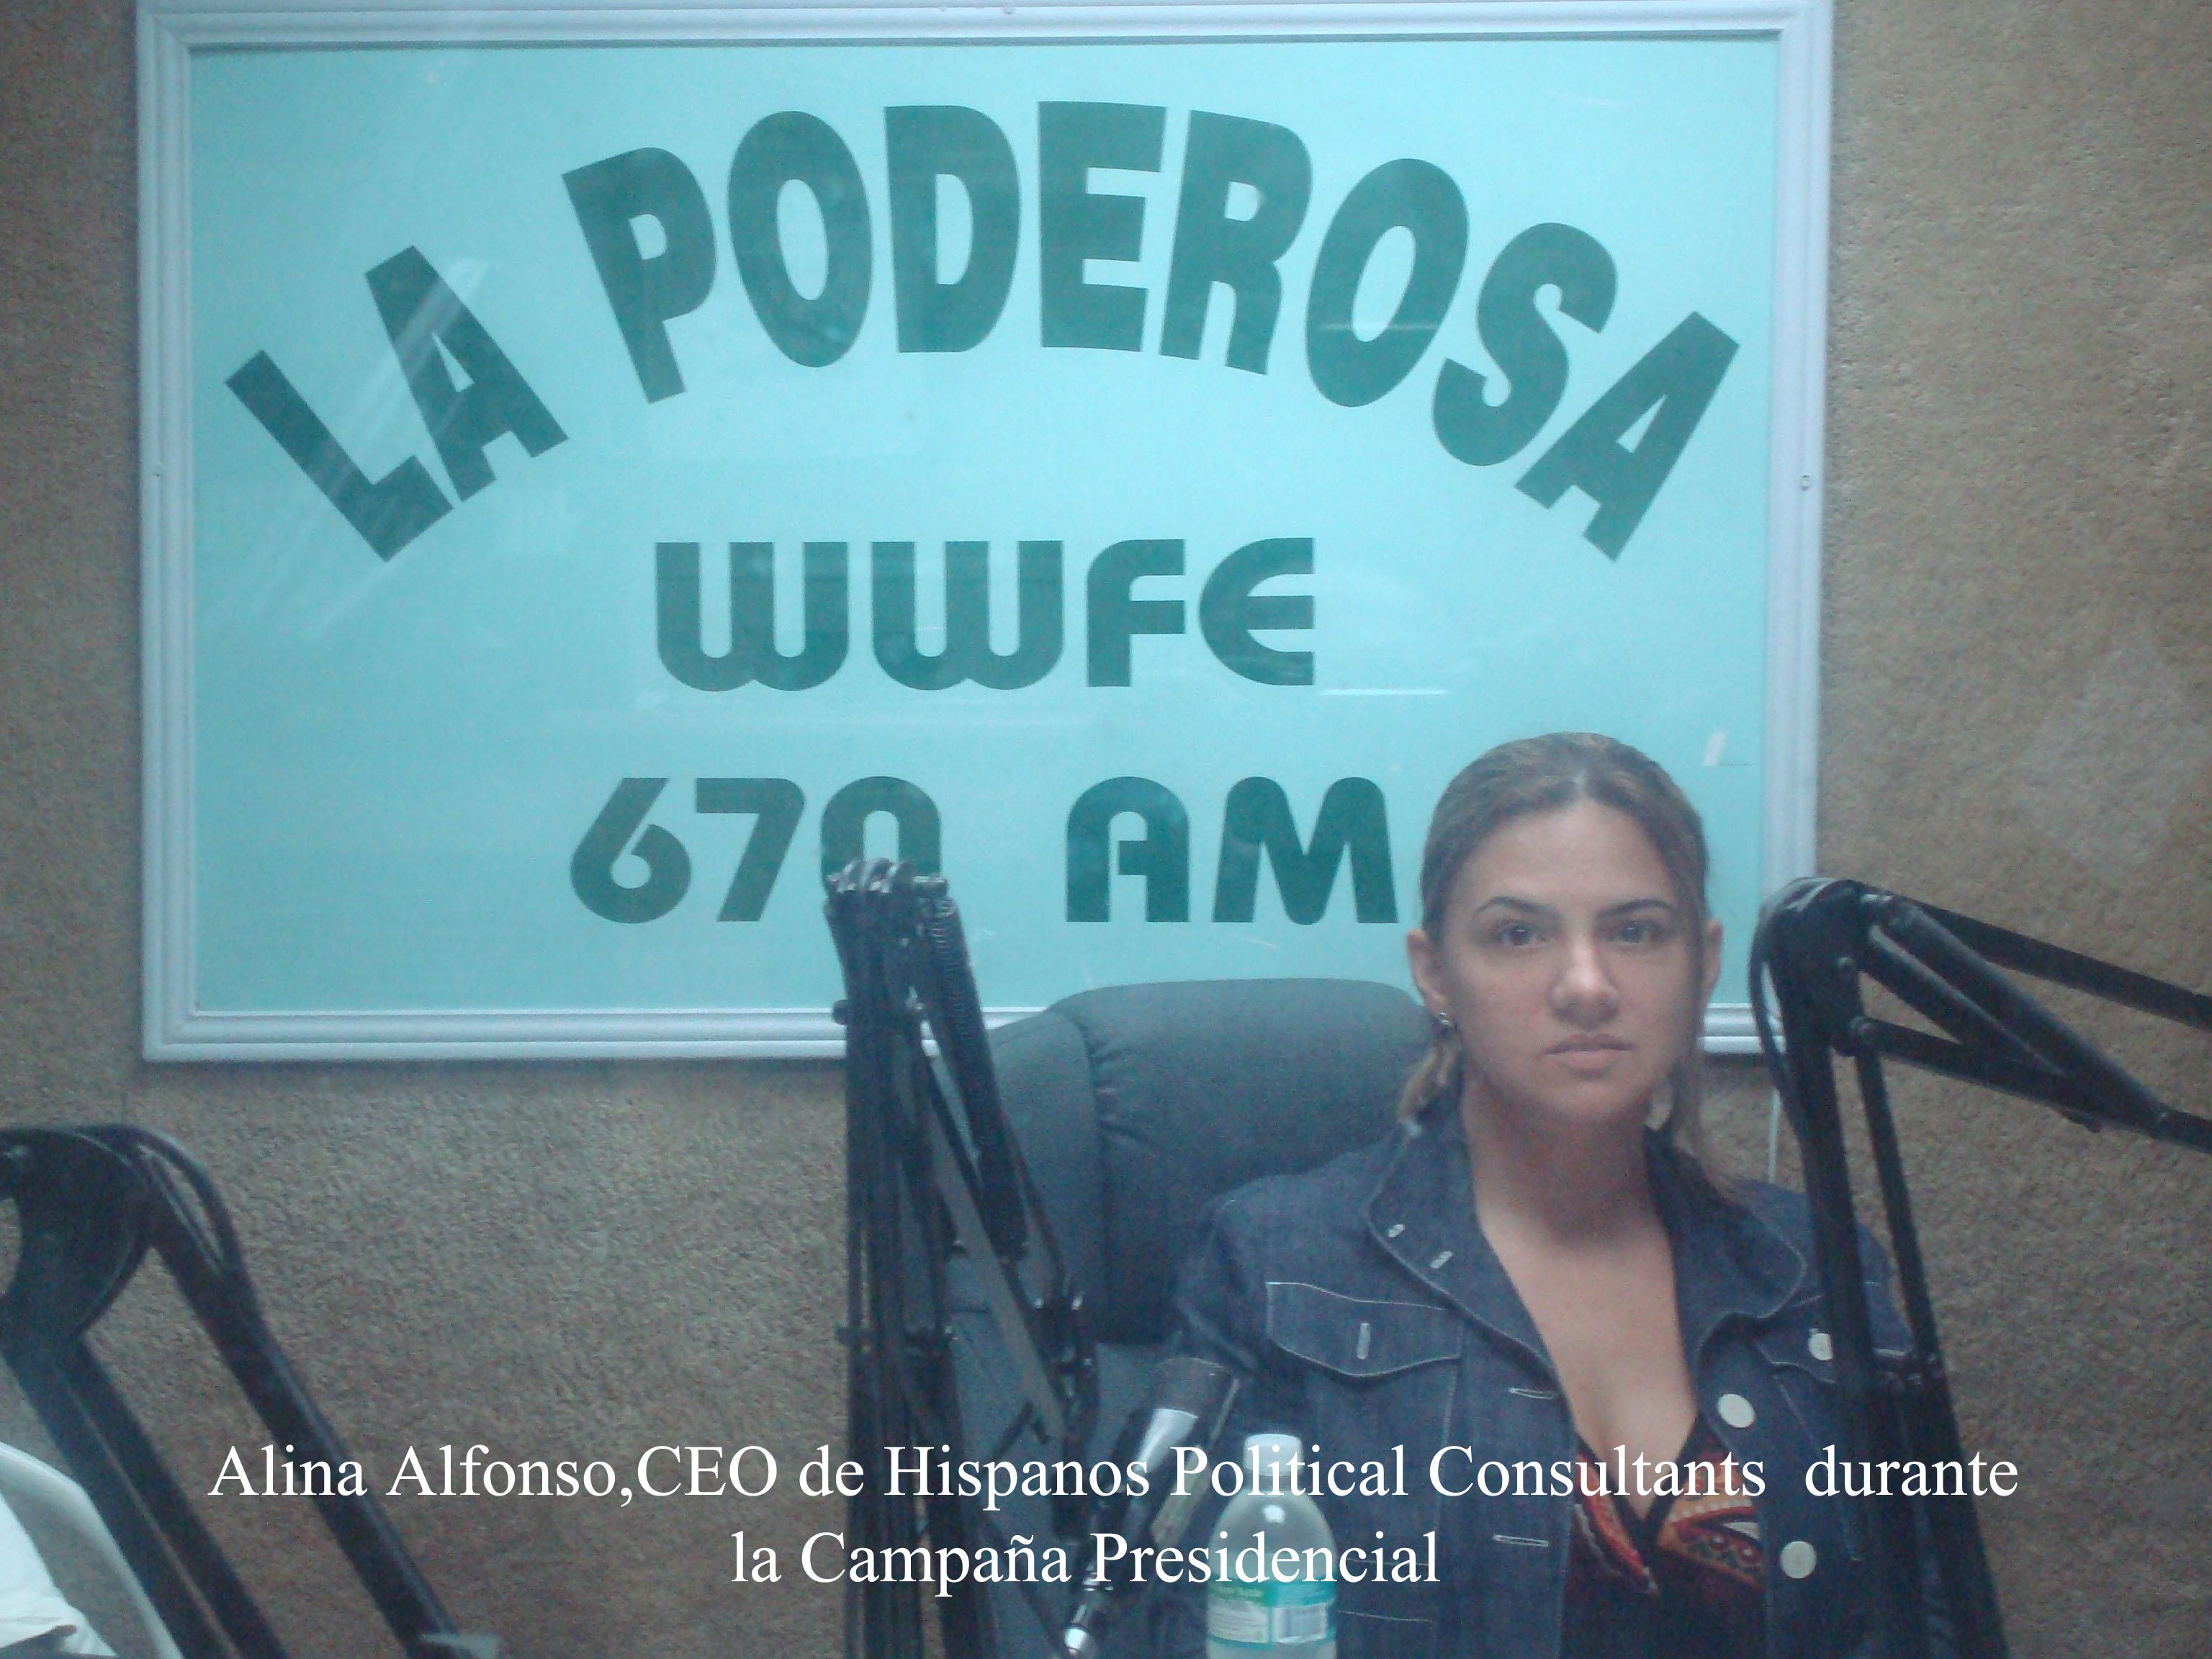 """Alina Alfonso, Especialista en Campañas Políticas Mediáticas, Analista Política, presentadora de Noticias de TeleMiami durante una de sus numerosas conducciones en la radio hispana del Sur de la Florida. En esta ocasión en WWFE """"La Poderosa"""" 670AM, Campaña de Obama 2008. Foto/Cortesía de QPM.ORG - See more at: http://www.codigoabierto360.com/2013/04/quien-es-nuestro-publisher-el-dr-jose-r-alfonso/#sthash.qeZ7J5qO.dpuf"""